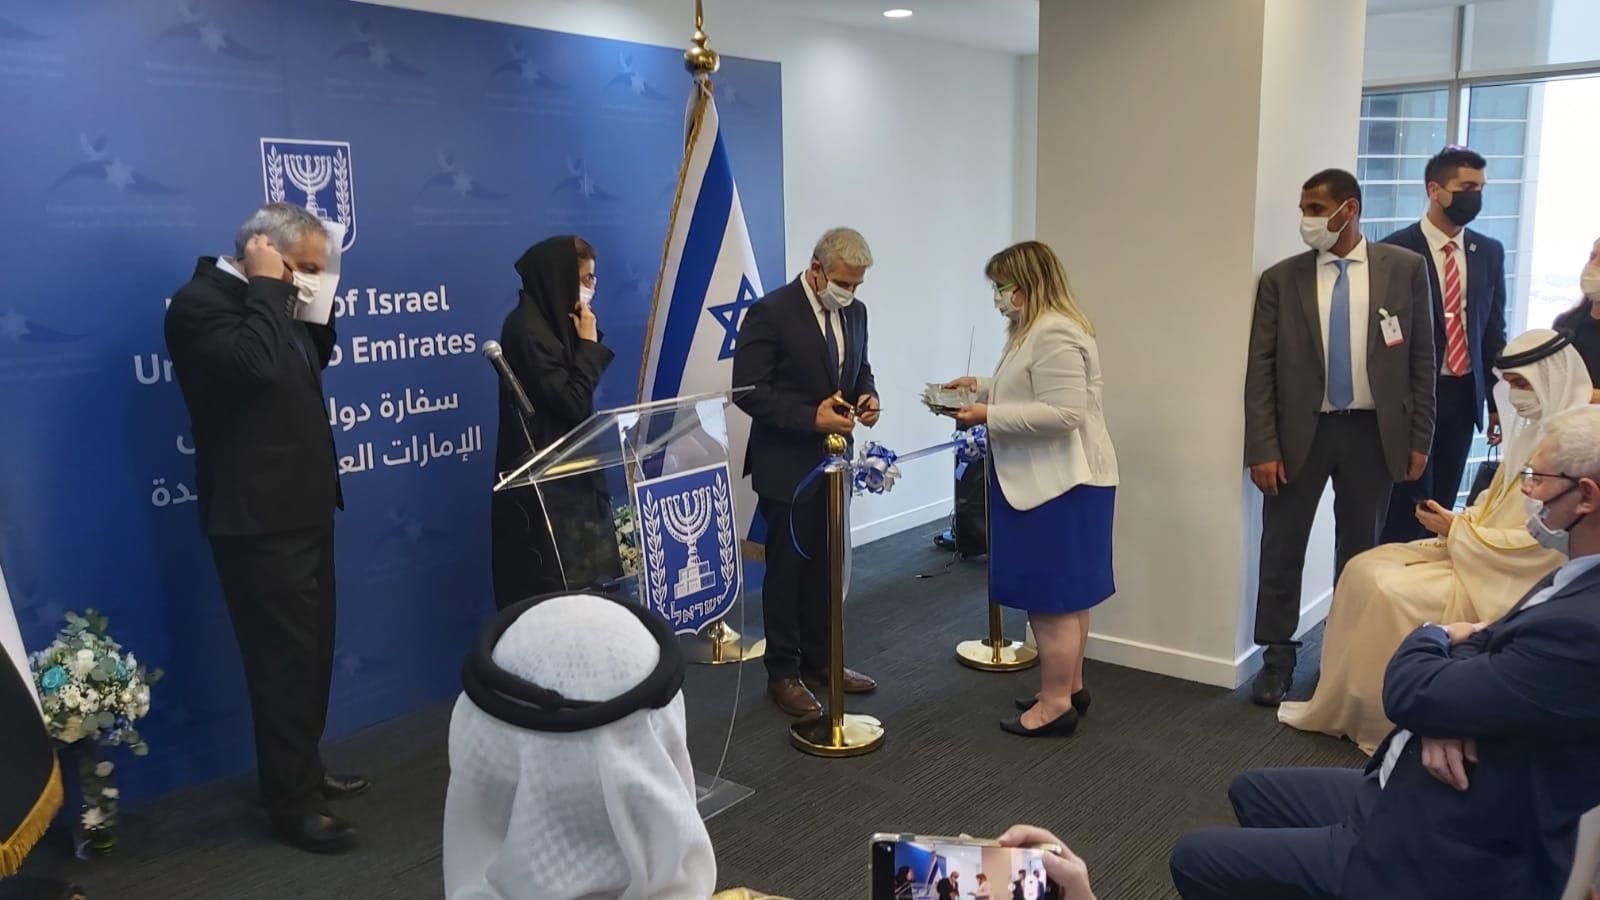 שר החוץ, יאיר לפיד חונך את שגרירות ישראל באבו דאבי / צילום: דני זקן